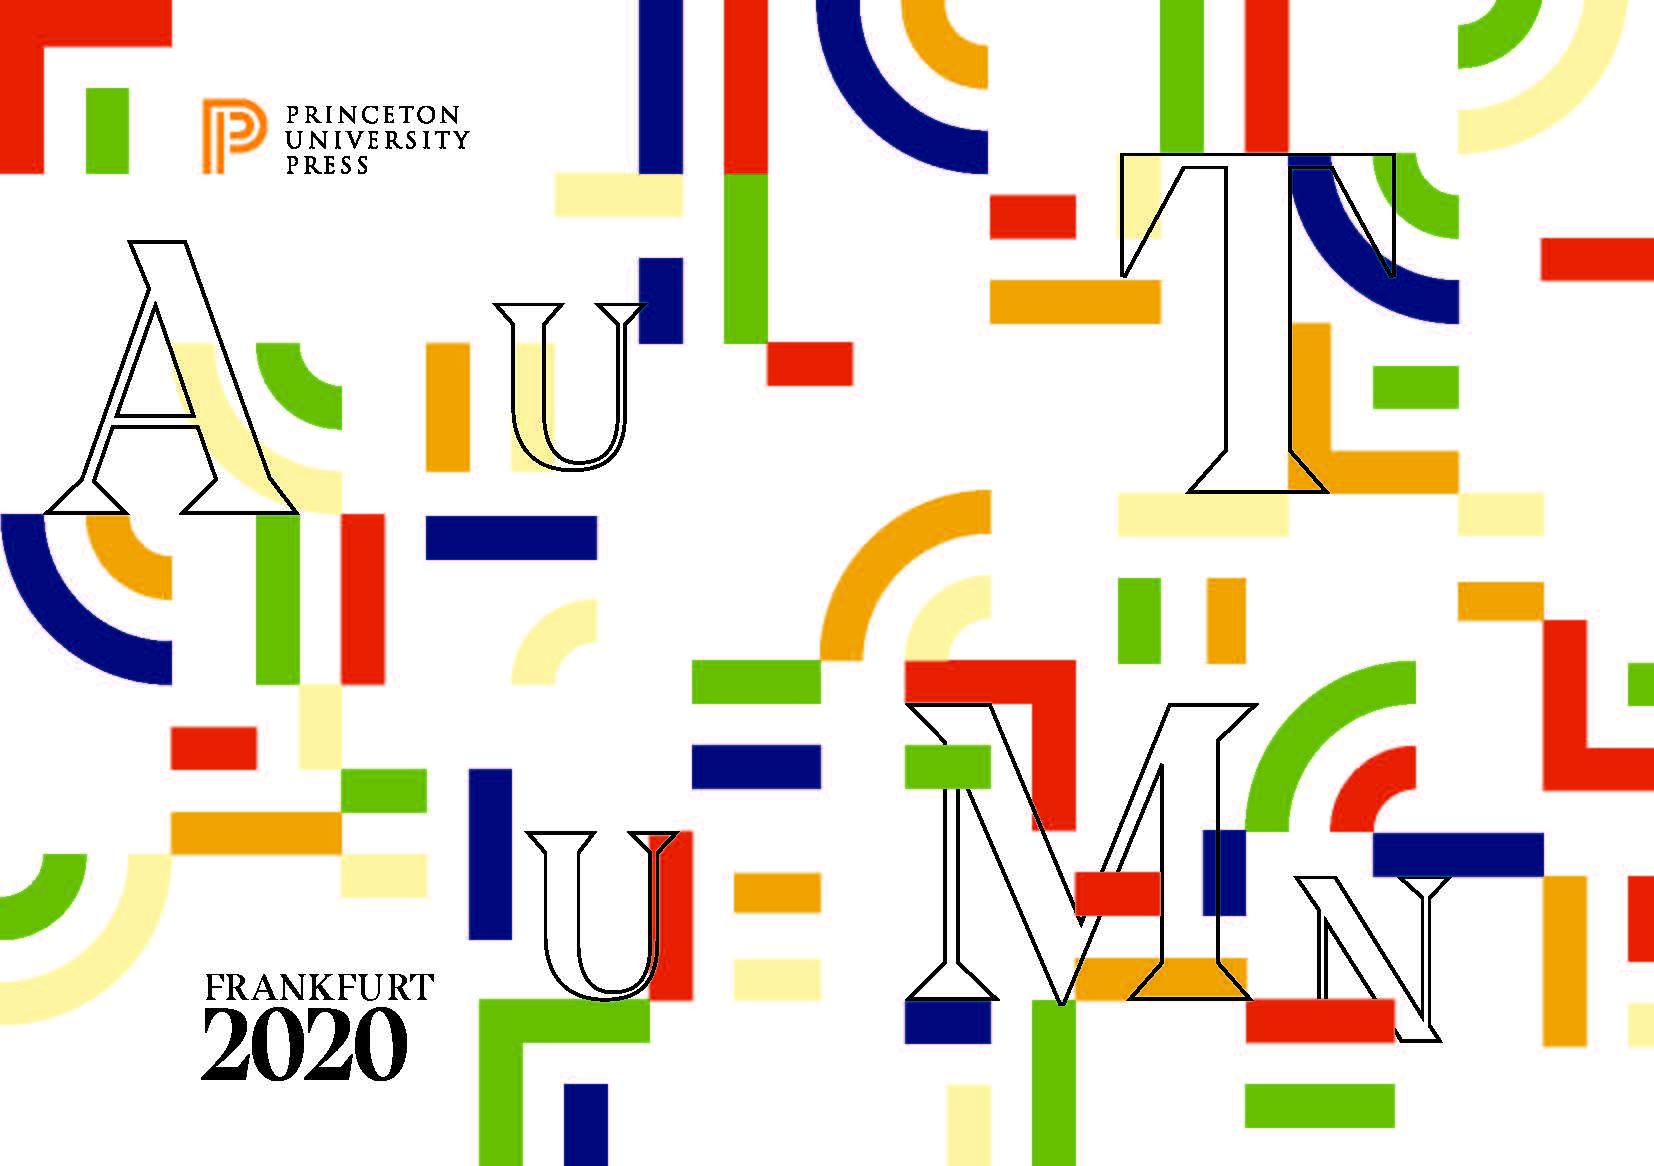 Frankfurt 2020 RIghts Guide